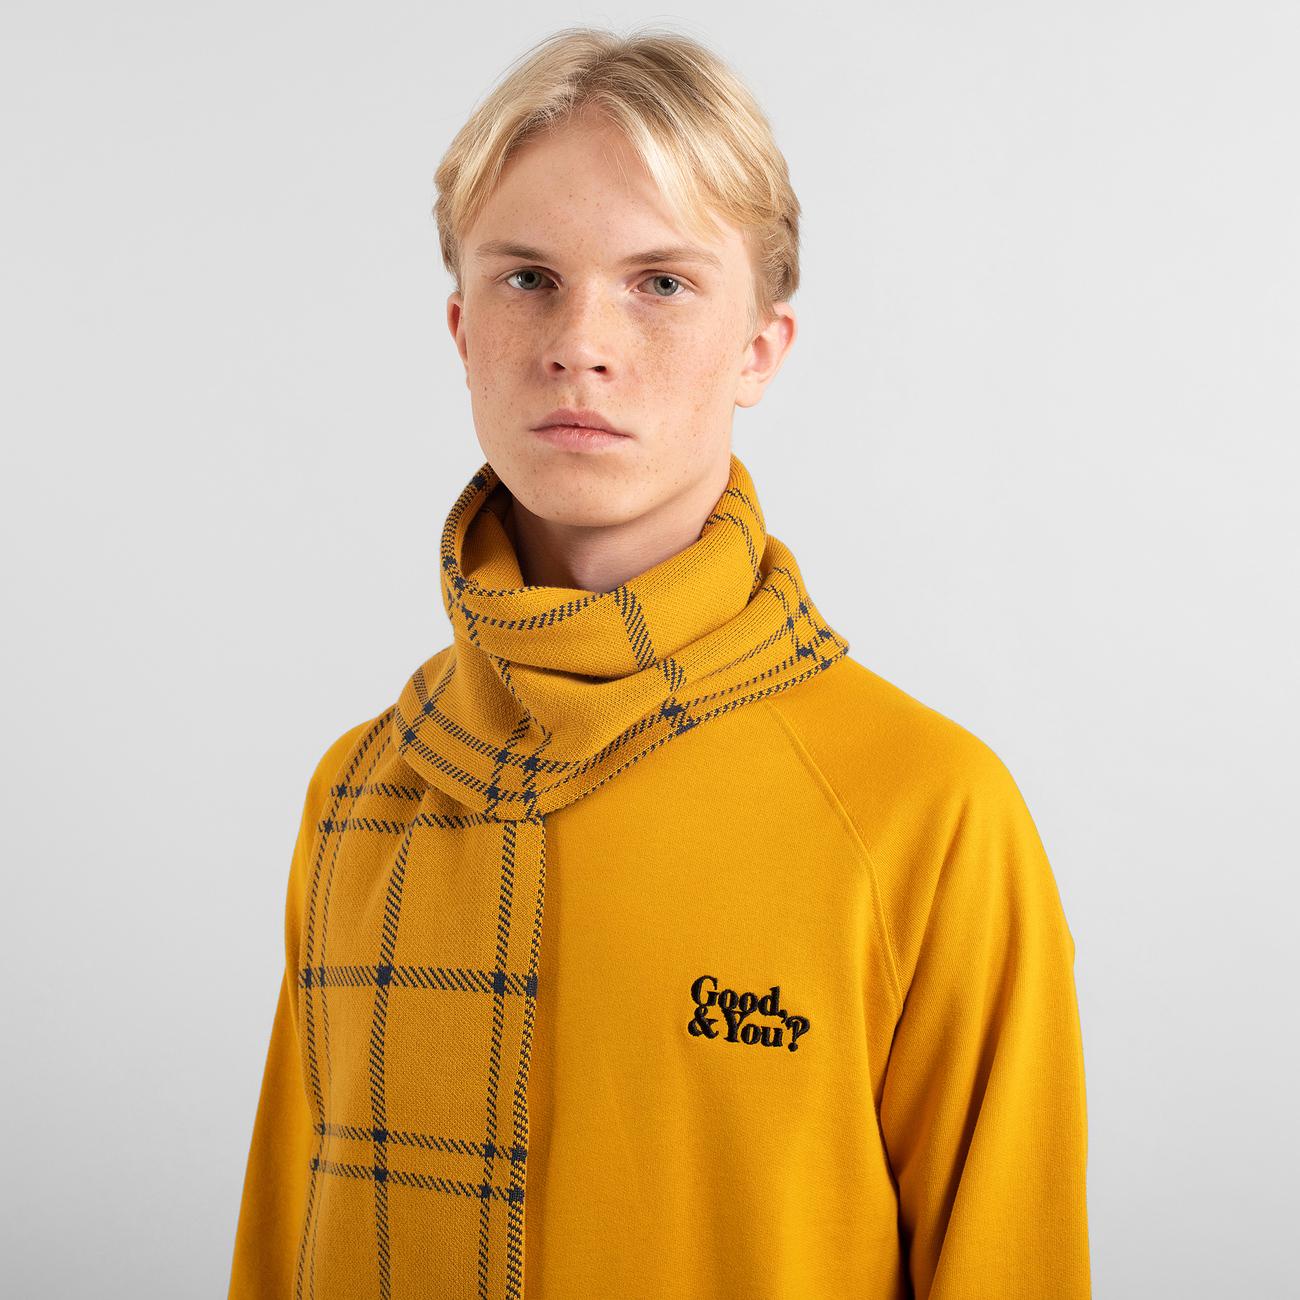 Sweatshirt Malmoe Good and You